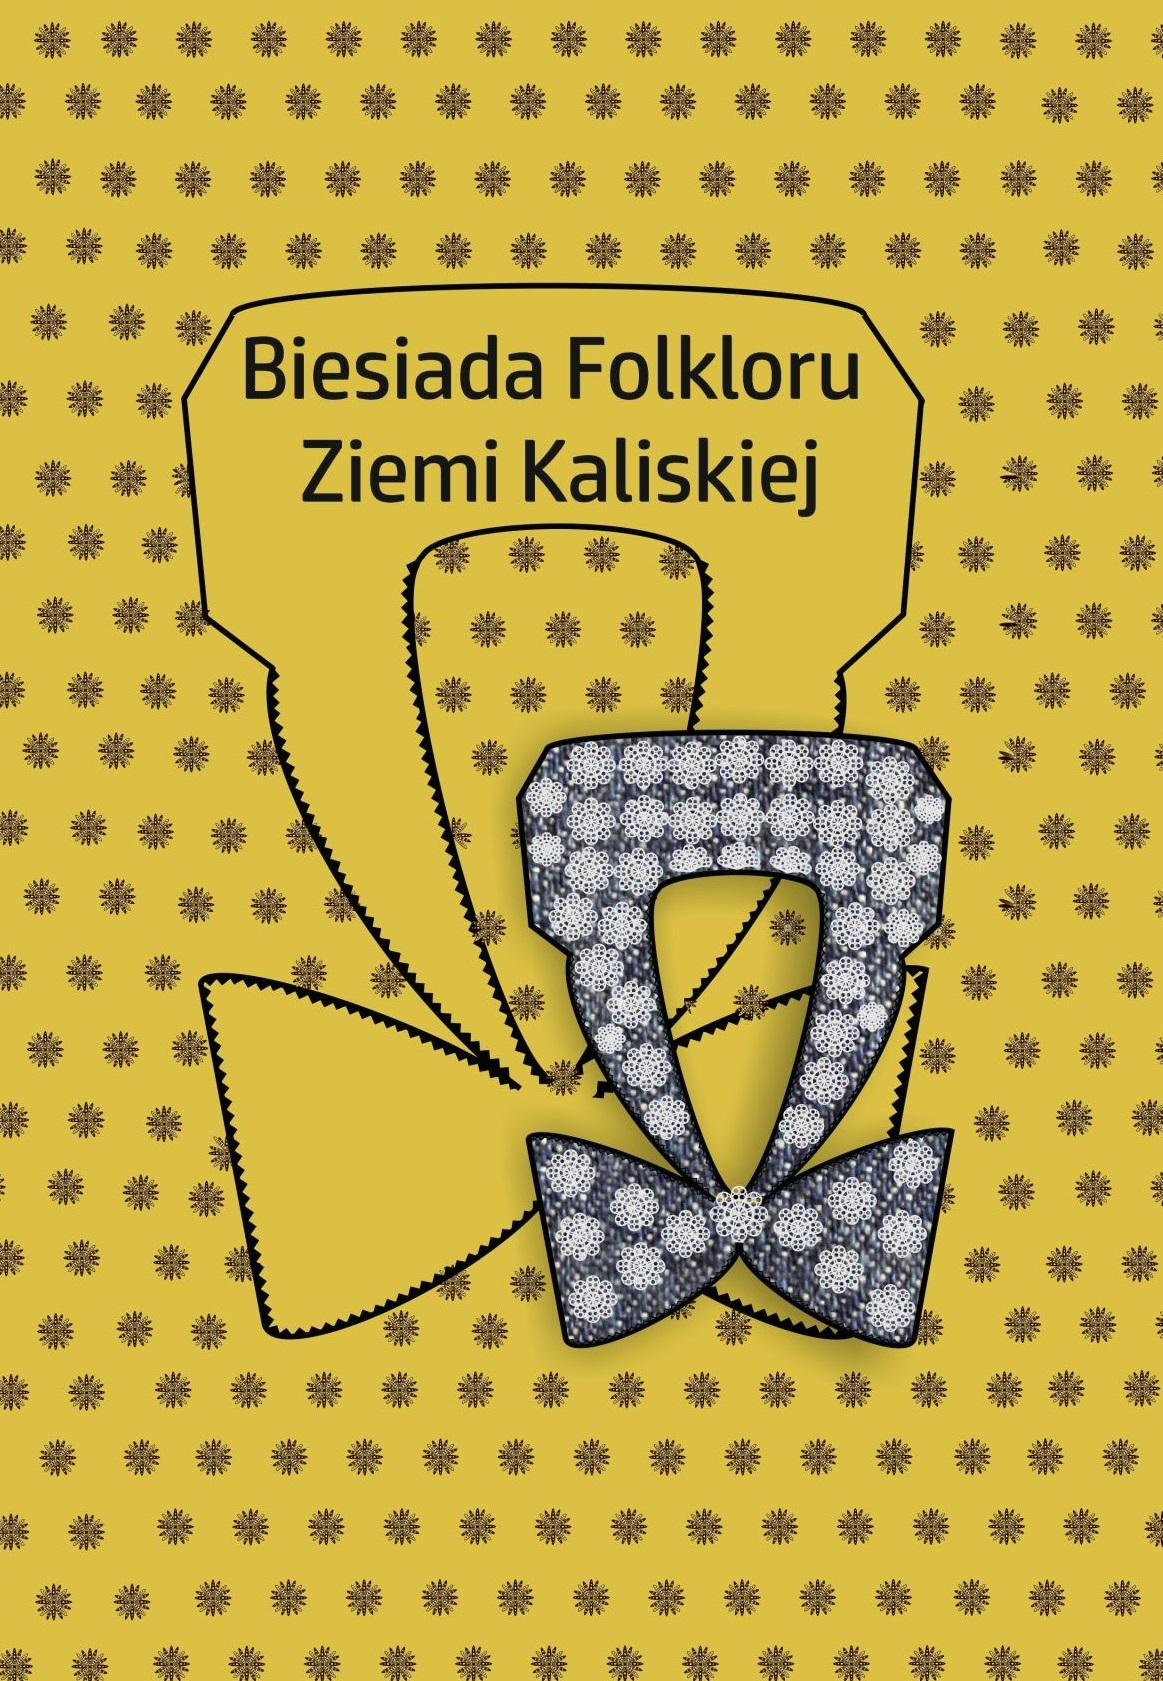 Biesiada Folkloru Ziemi Kaliskiej album 2020